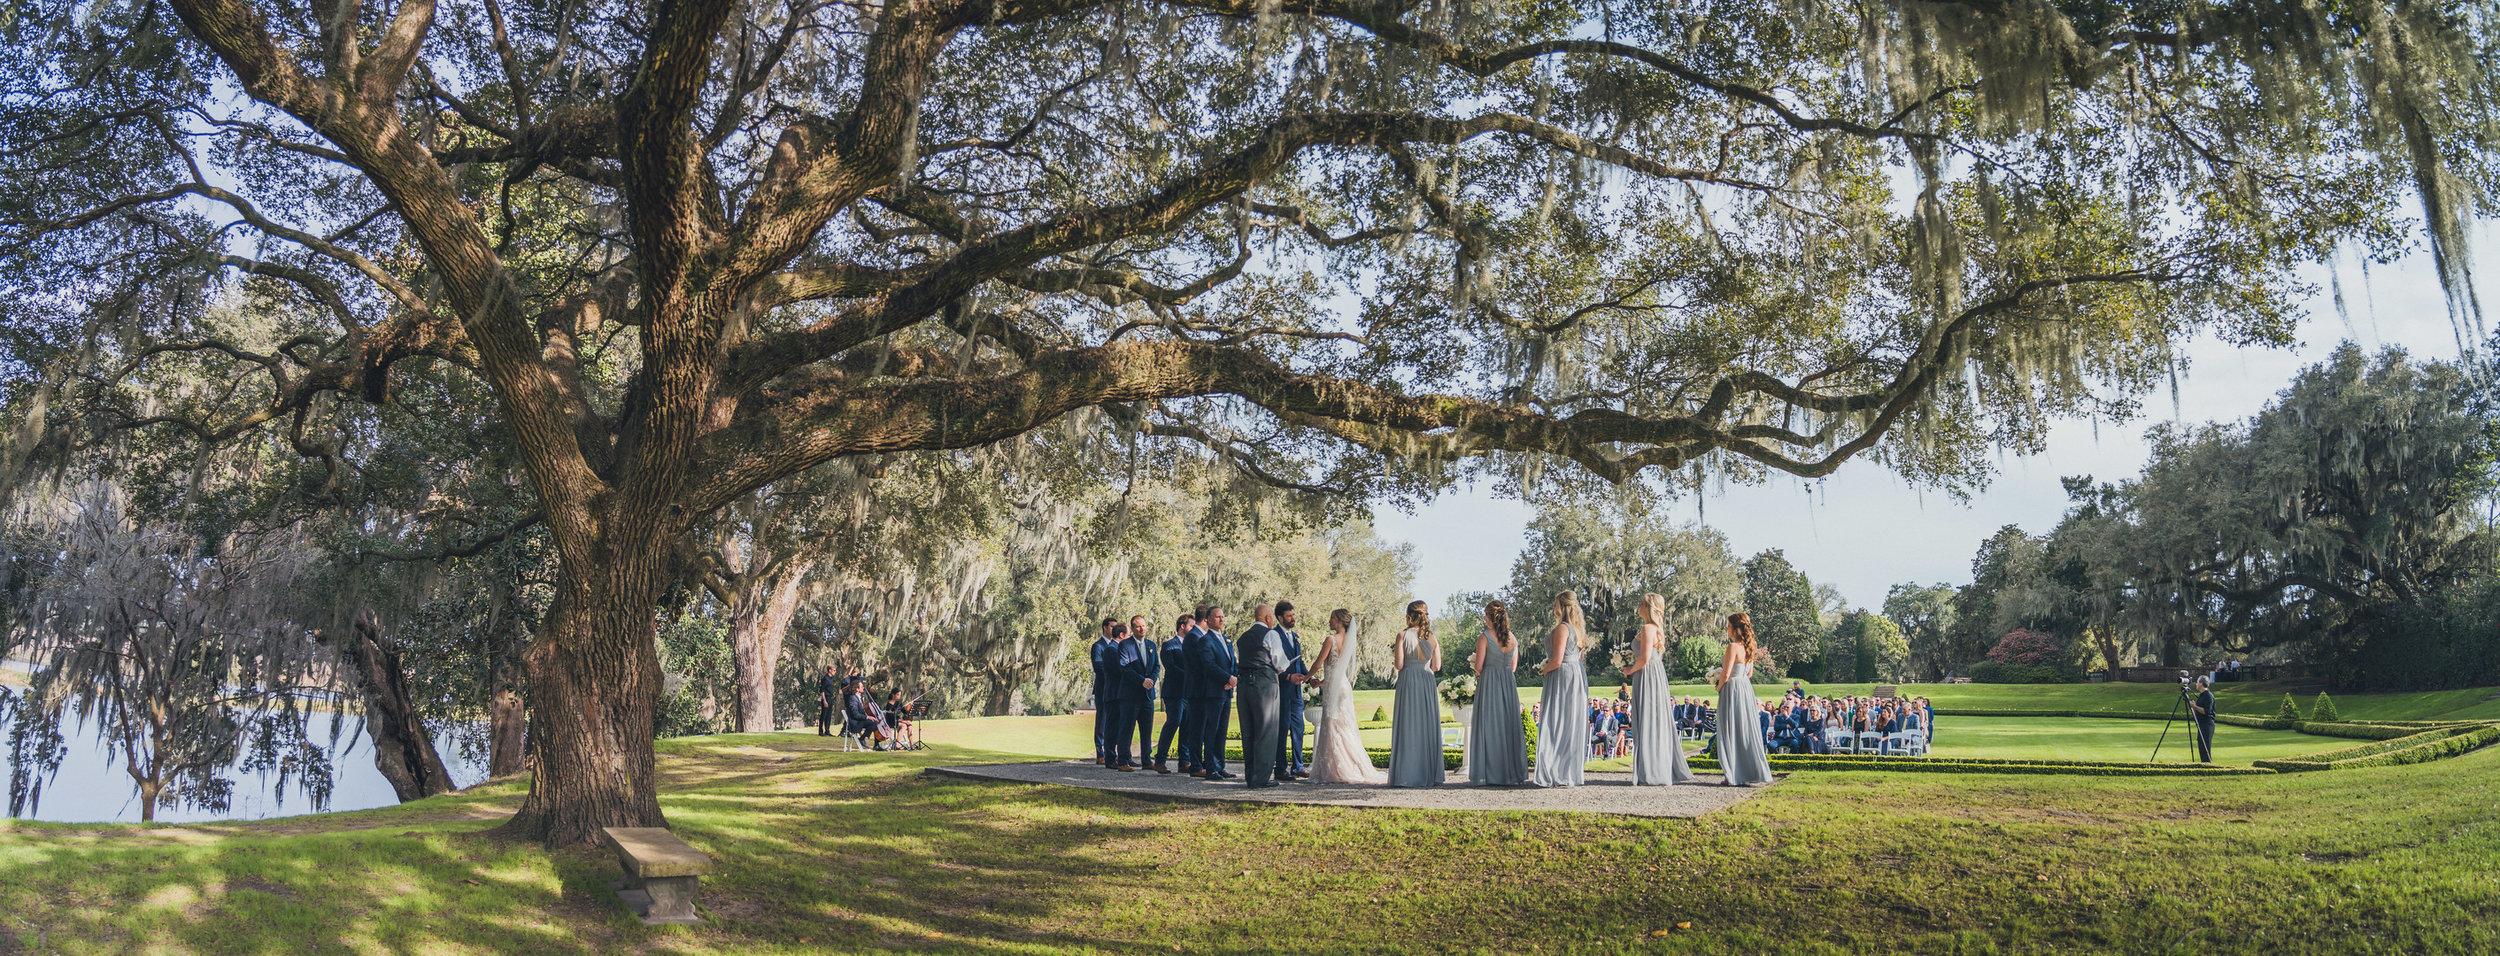 middleton-place-wedding-17.jpg